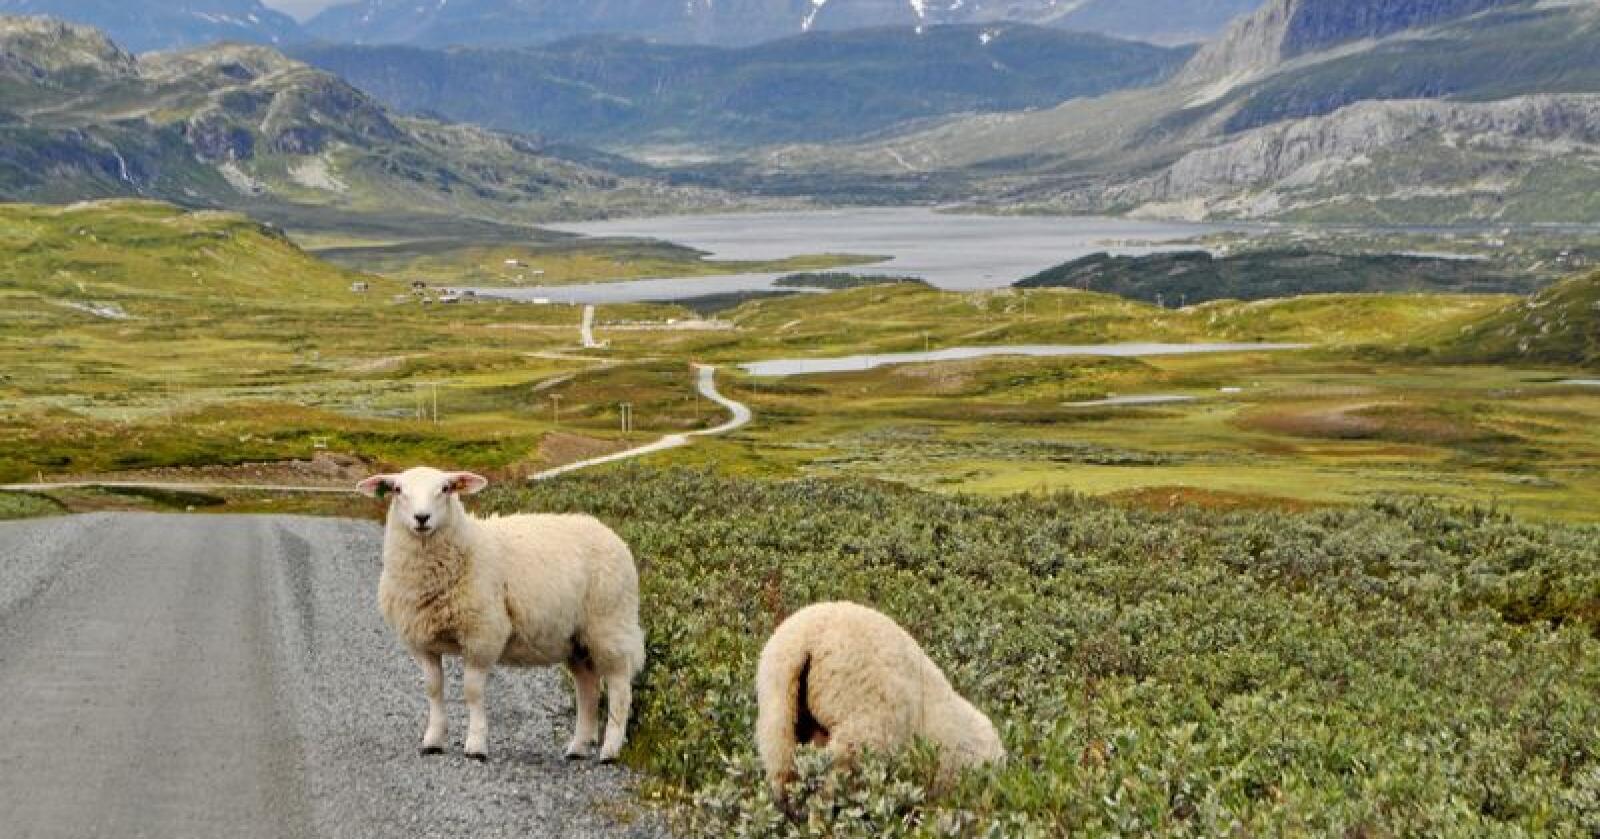 Innanfor ulvesonen: Desse to lamma i Valdres vil vera innanfor ulvesonen om Austlandet skulle bli sauefritt. Det er vanskeleg å sjå kva auka verdi det har om sau ikkje lenger får beite her. Foto: Hilde Lysengen Havro